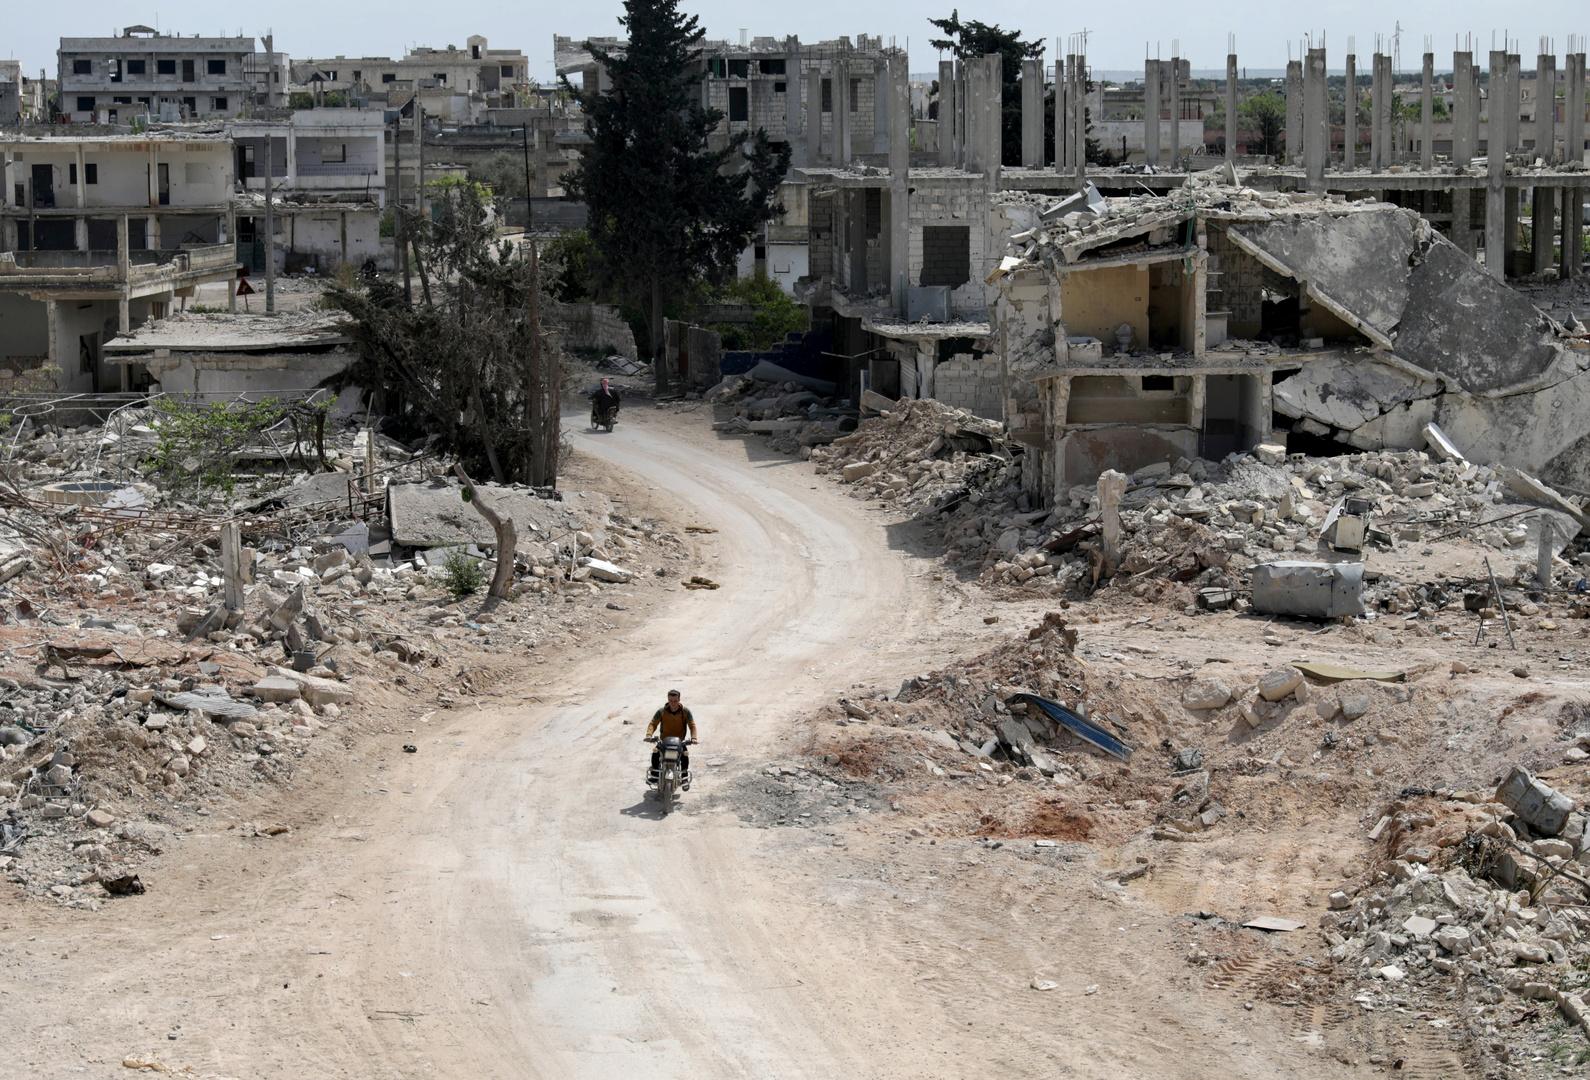 الدفاع الروسية: المسلحون في إدلب يخططون لفبركة هجوم باستخدام سلاح كيميائي